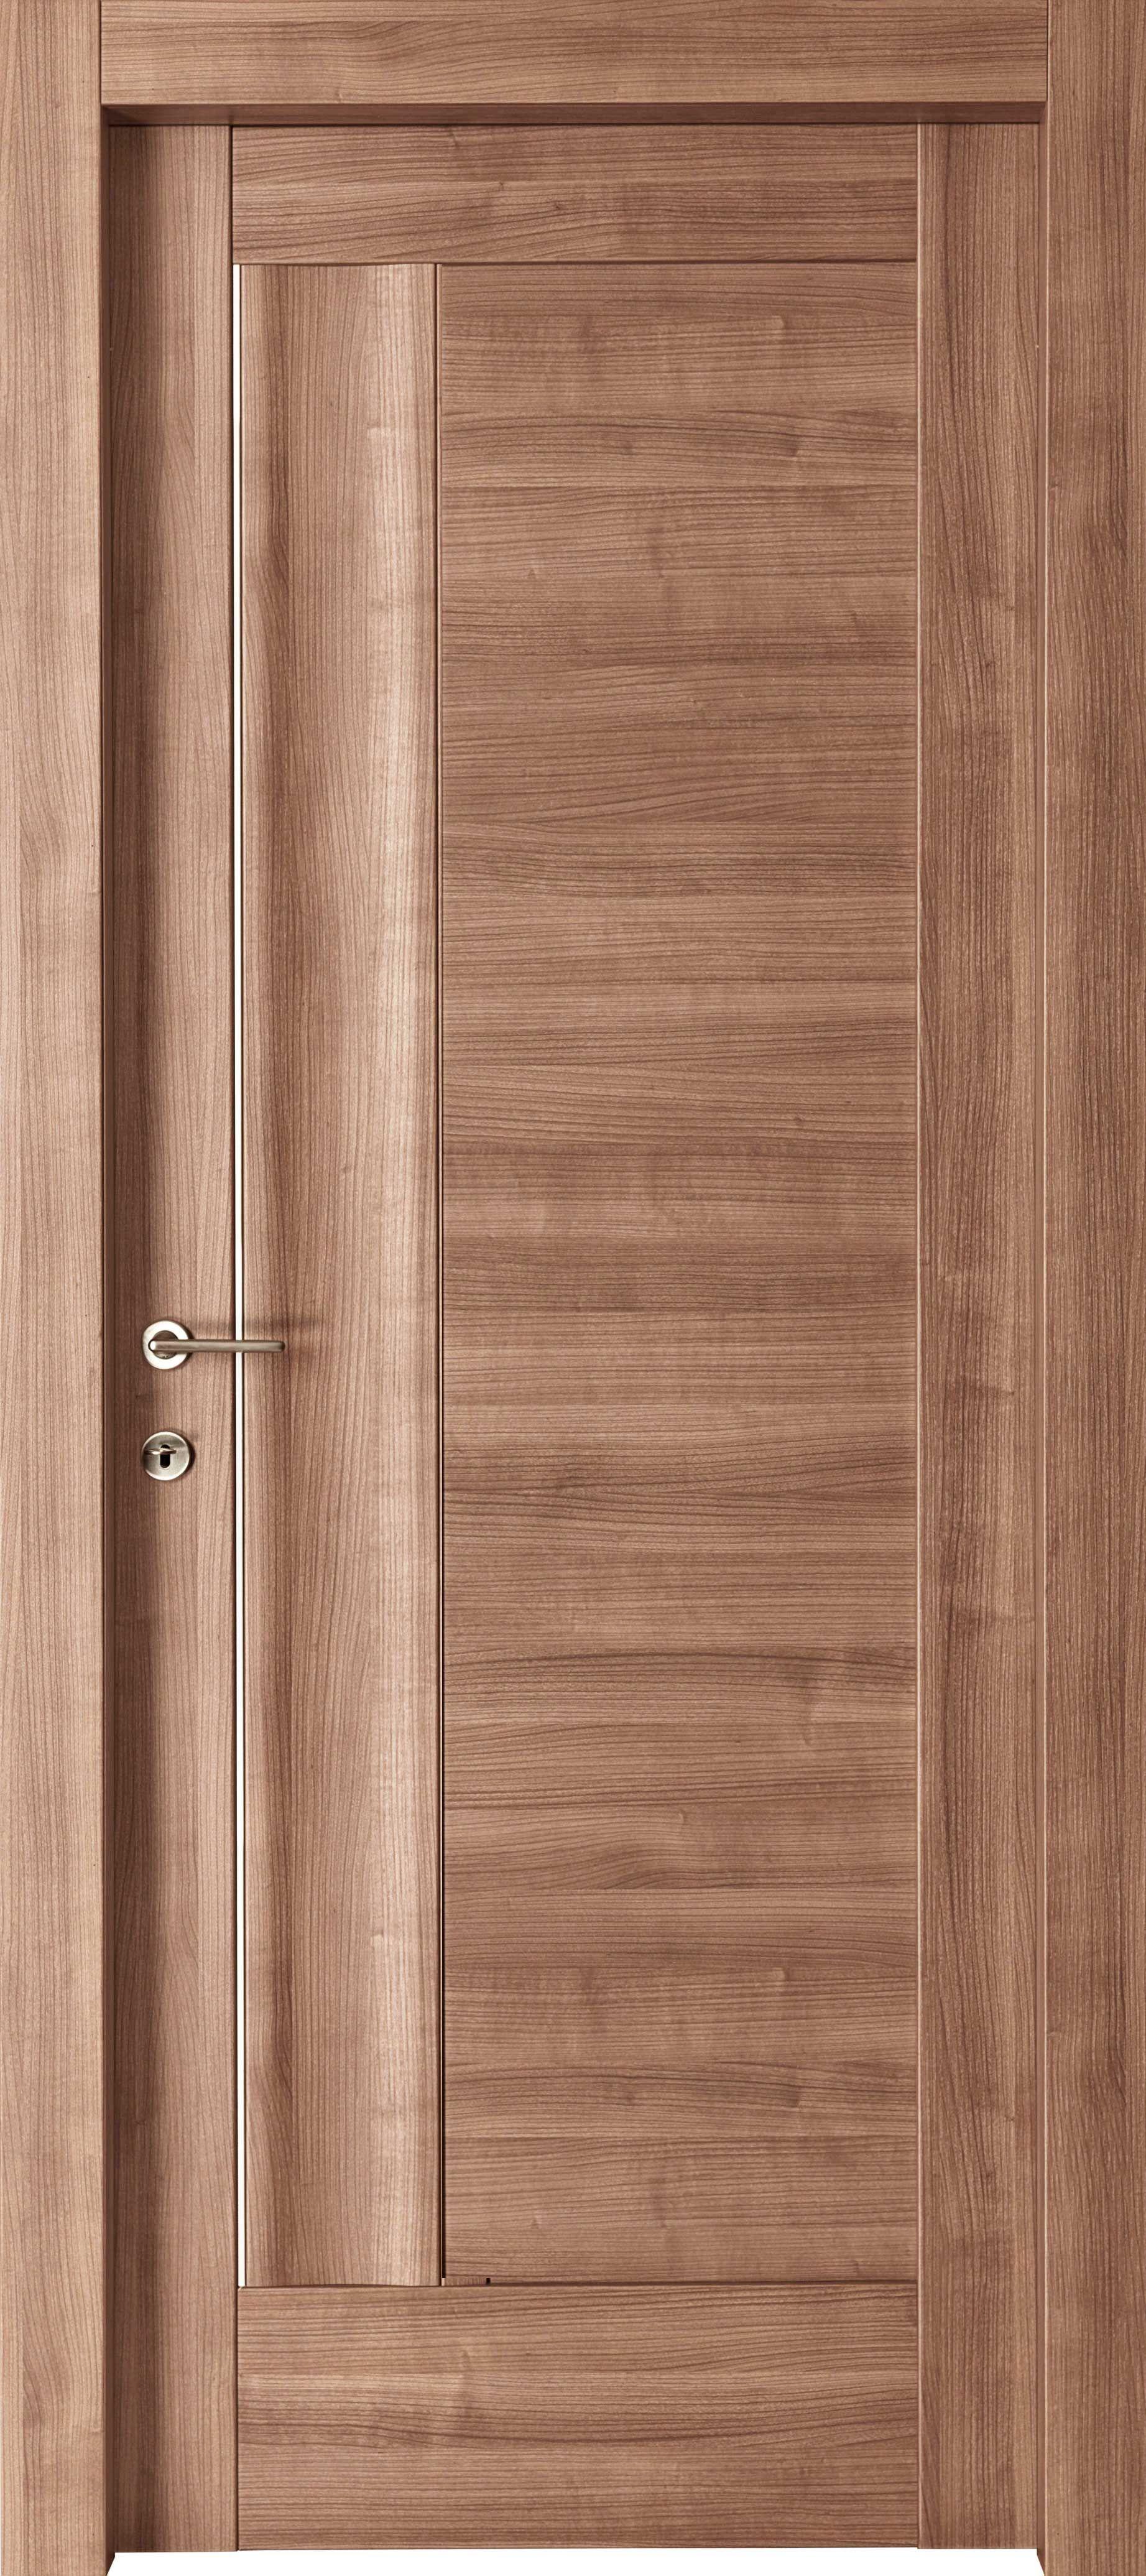 Wooden Door Design. Puerta De Madera. Stratum Floors. Www.stratum Floors